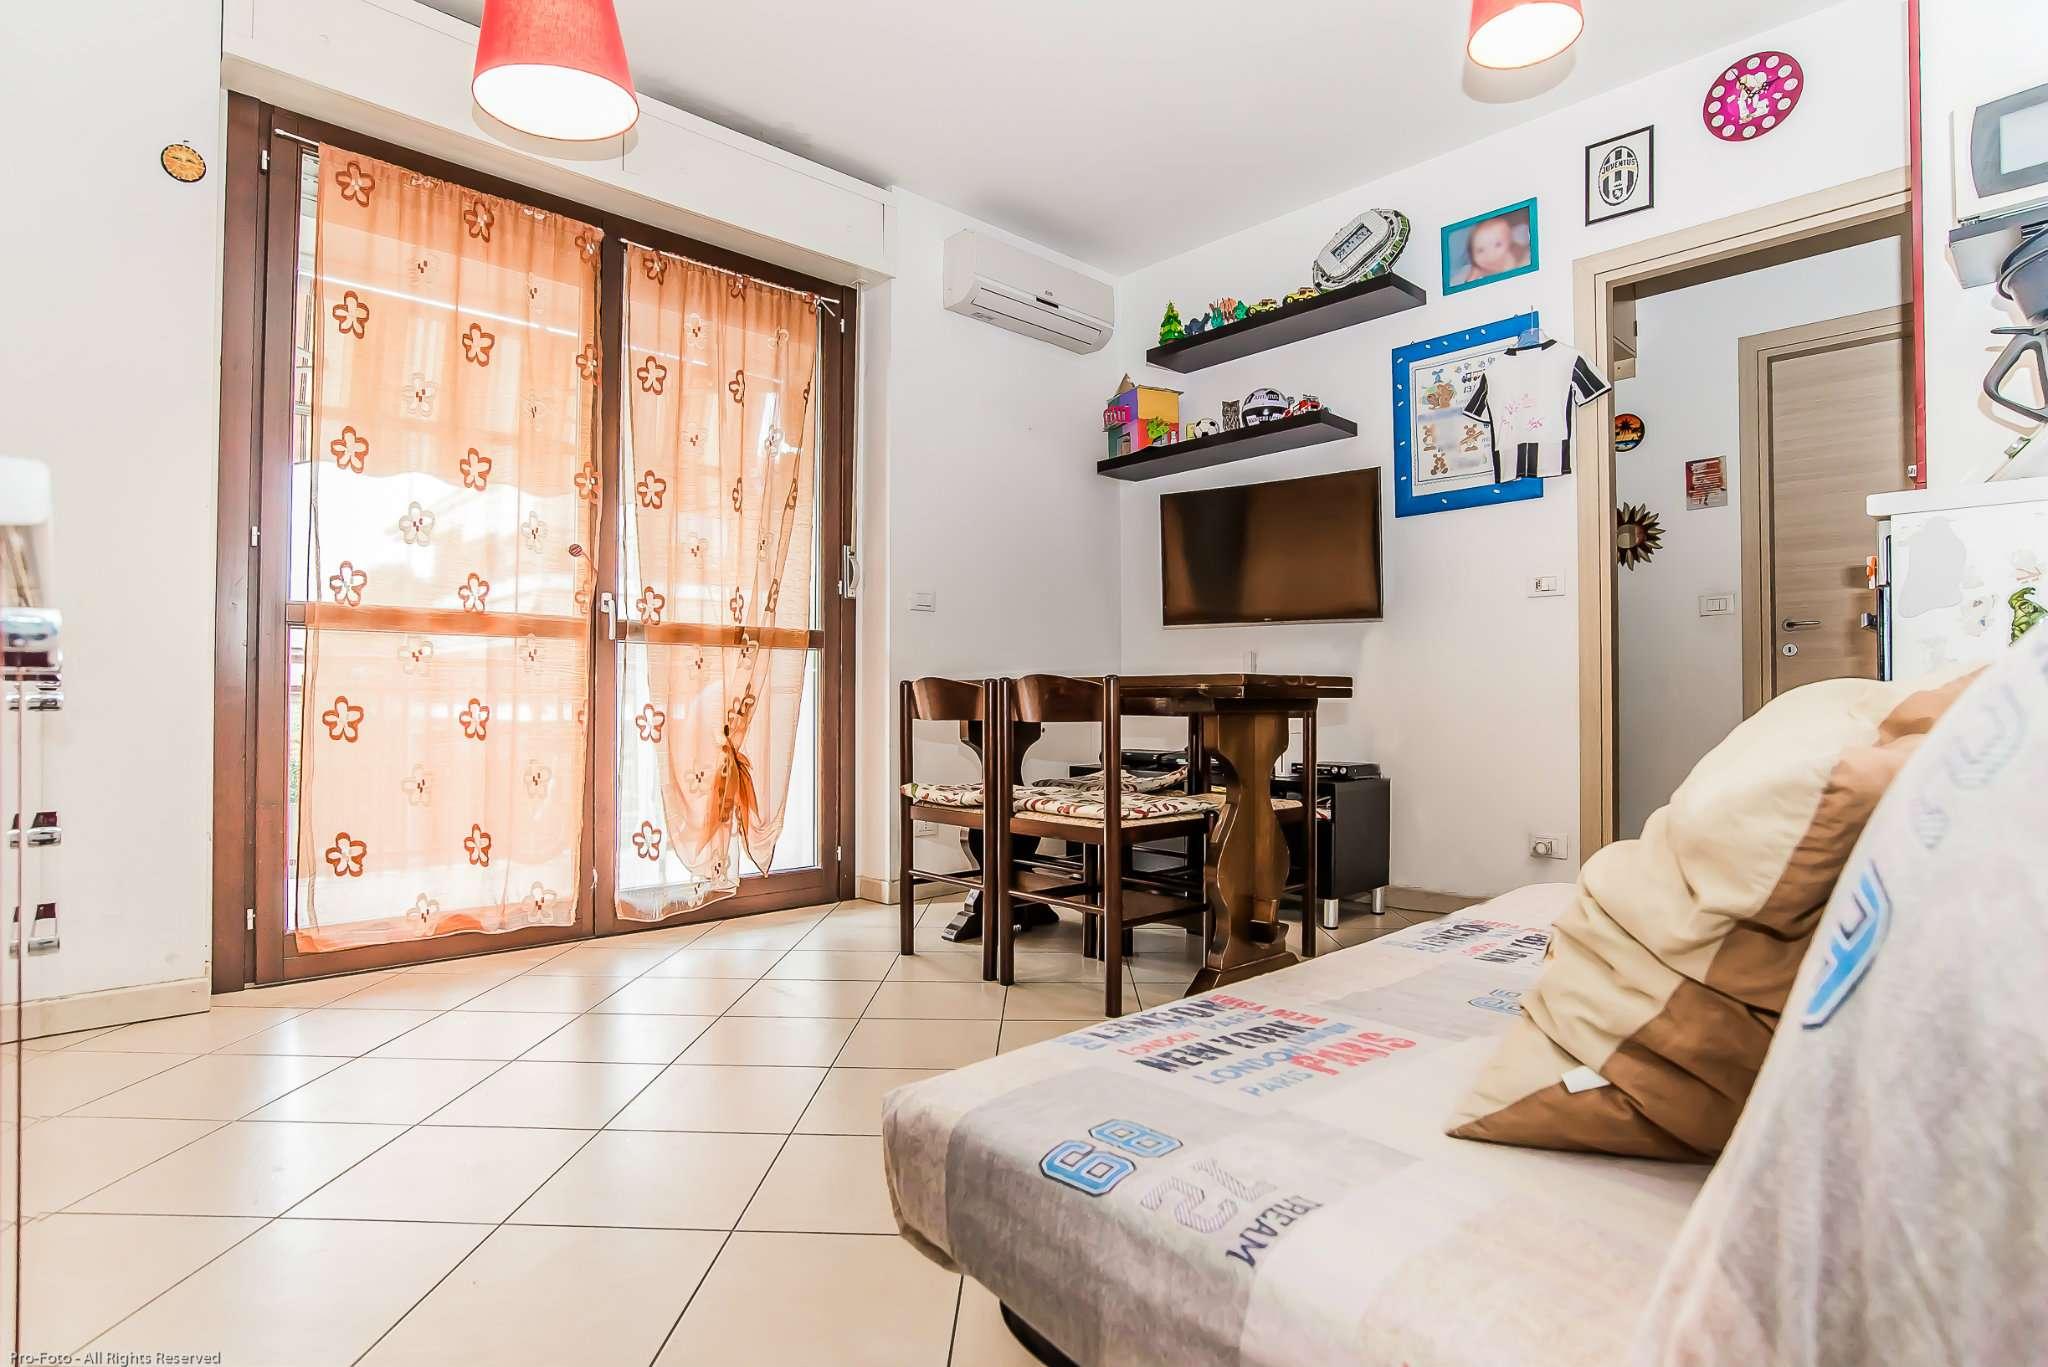 Appartamento in vendita a Grugliasco, 2 locali, prezzo € 108.000 | CambioCasa.it